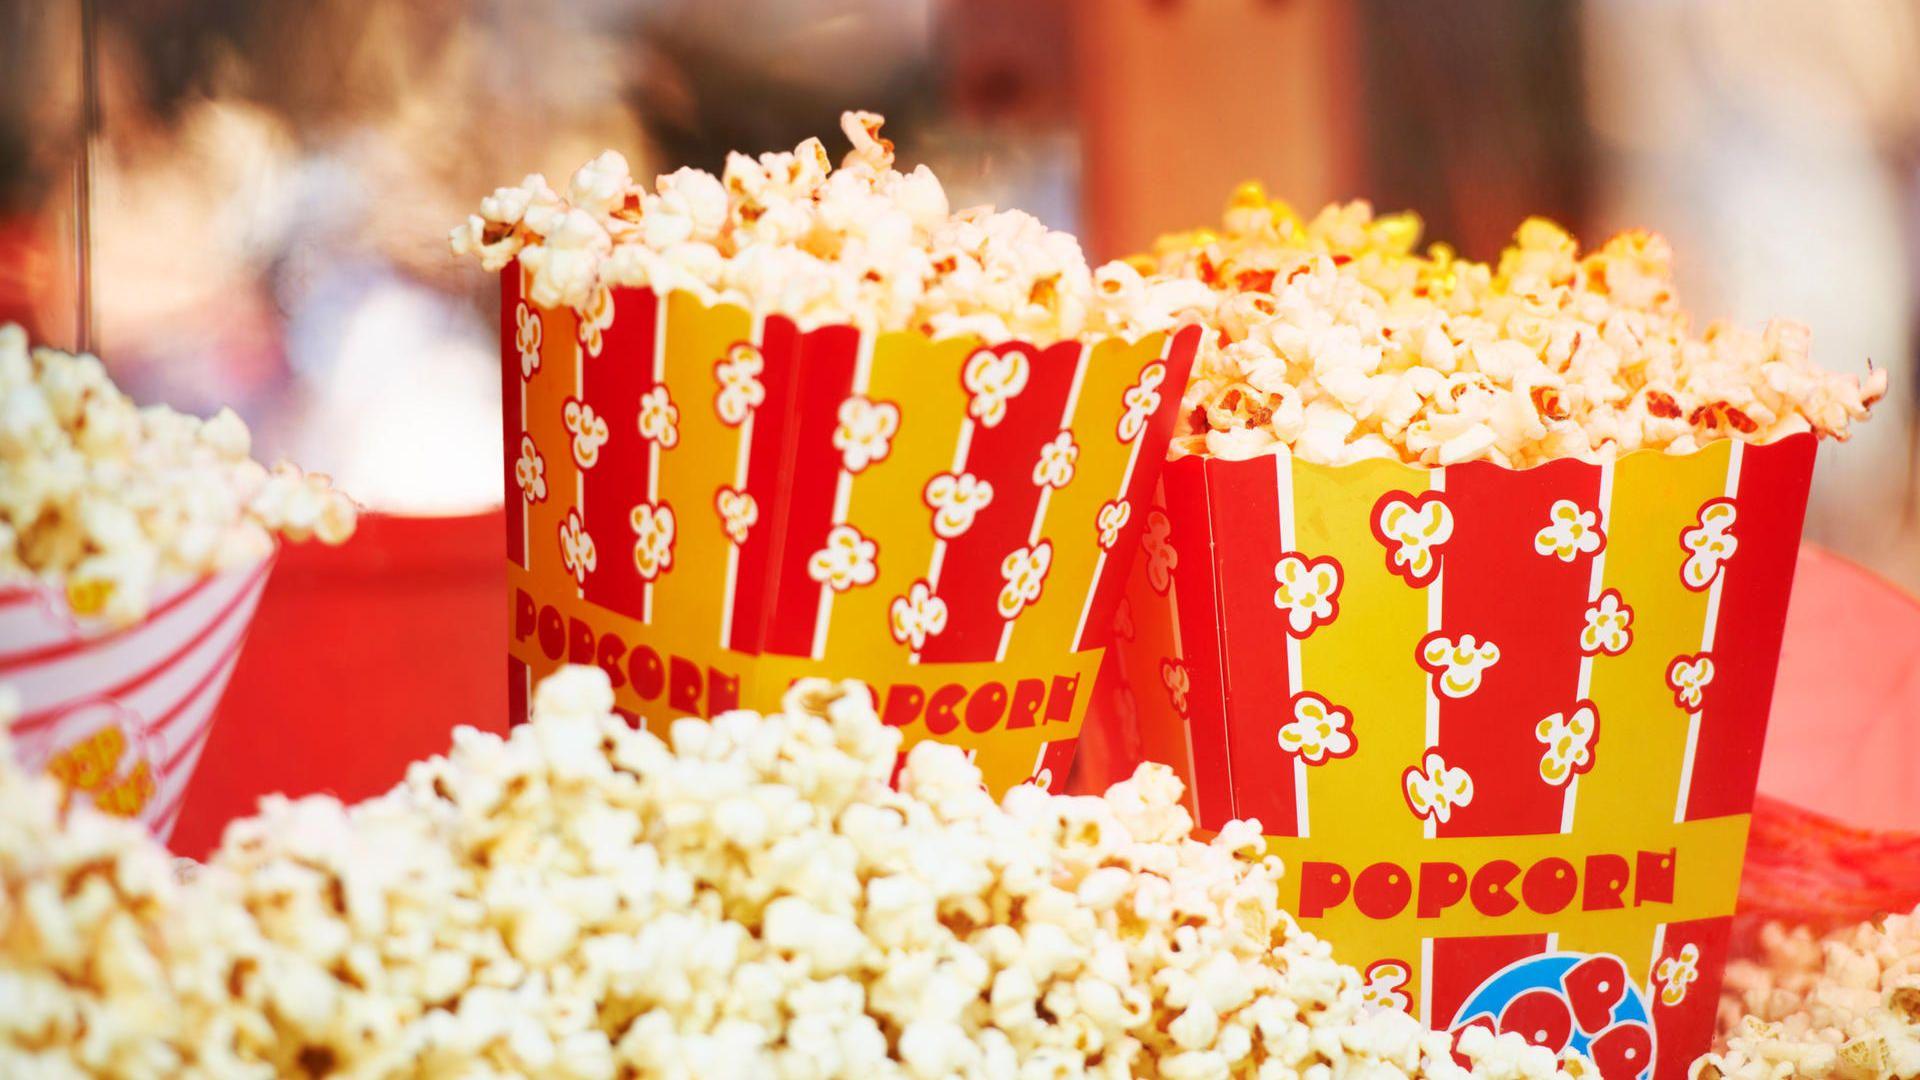 Fünf Popcorn-Maschinen im Vergleich